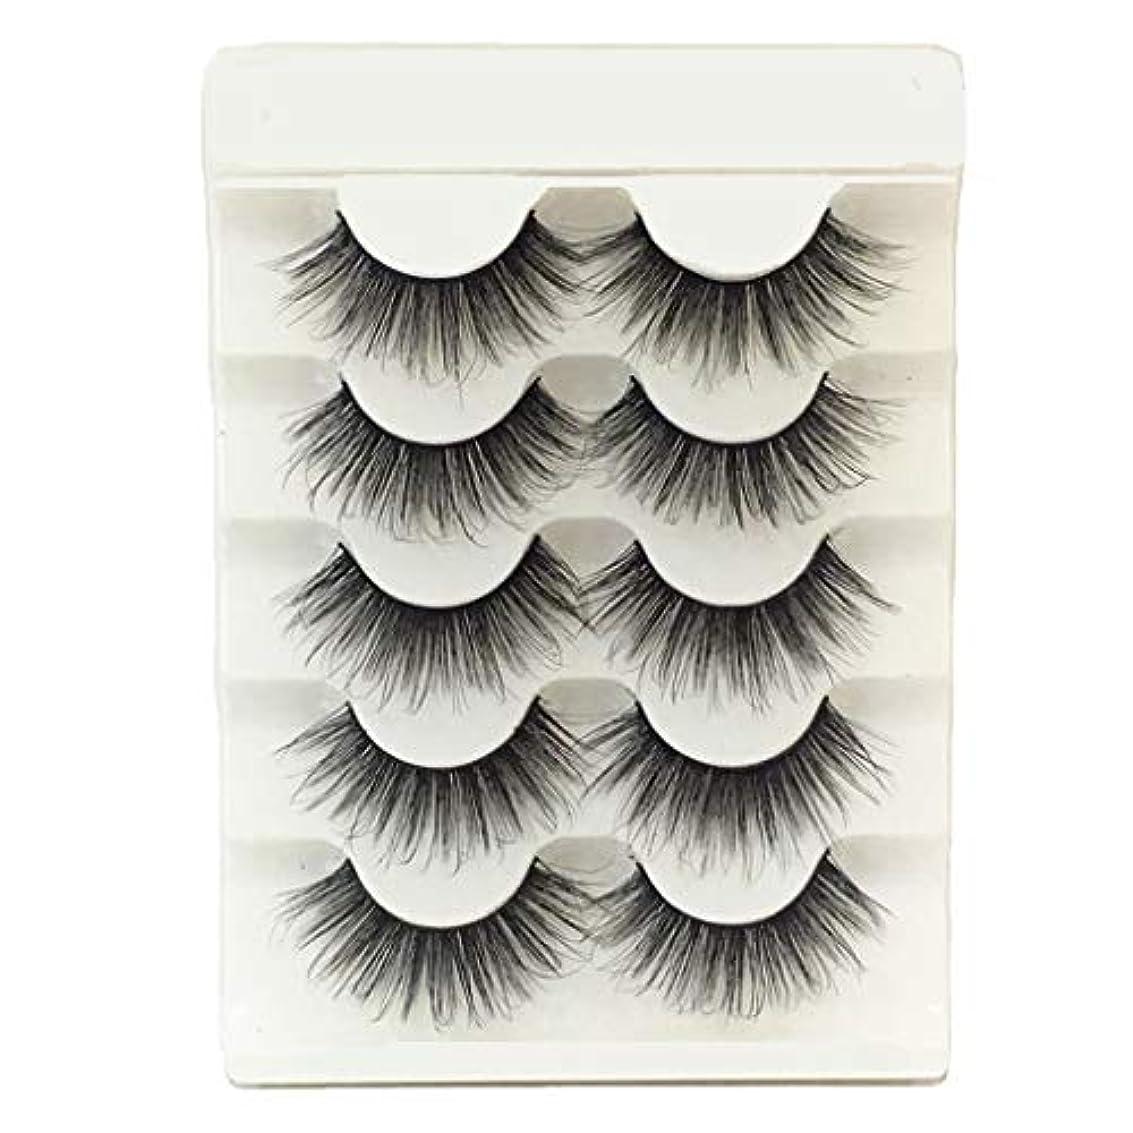 リクルート蒸発ブームFeteso 5ペア つけまつげ 上まつげ Eyelashes アイラッシュ ビューティー まつげエクステ レディース 化粧ツール アイメイクアップ 人気 ナチュラル 飾り 柔らかい 装着簡単 綺麗 濃密 再利用可能